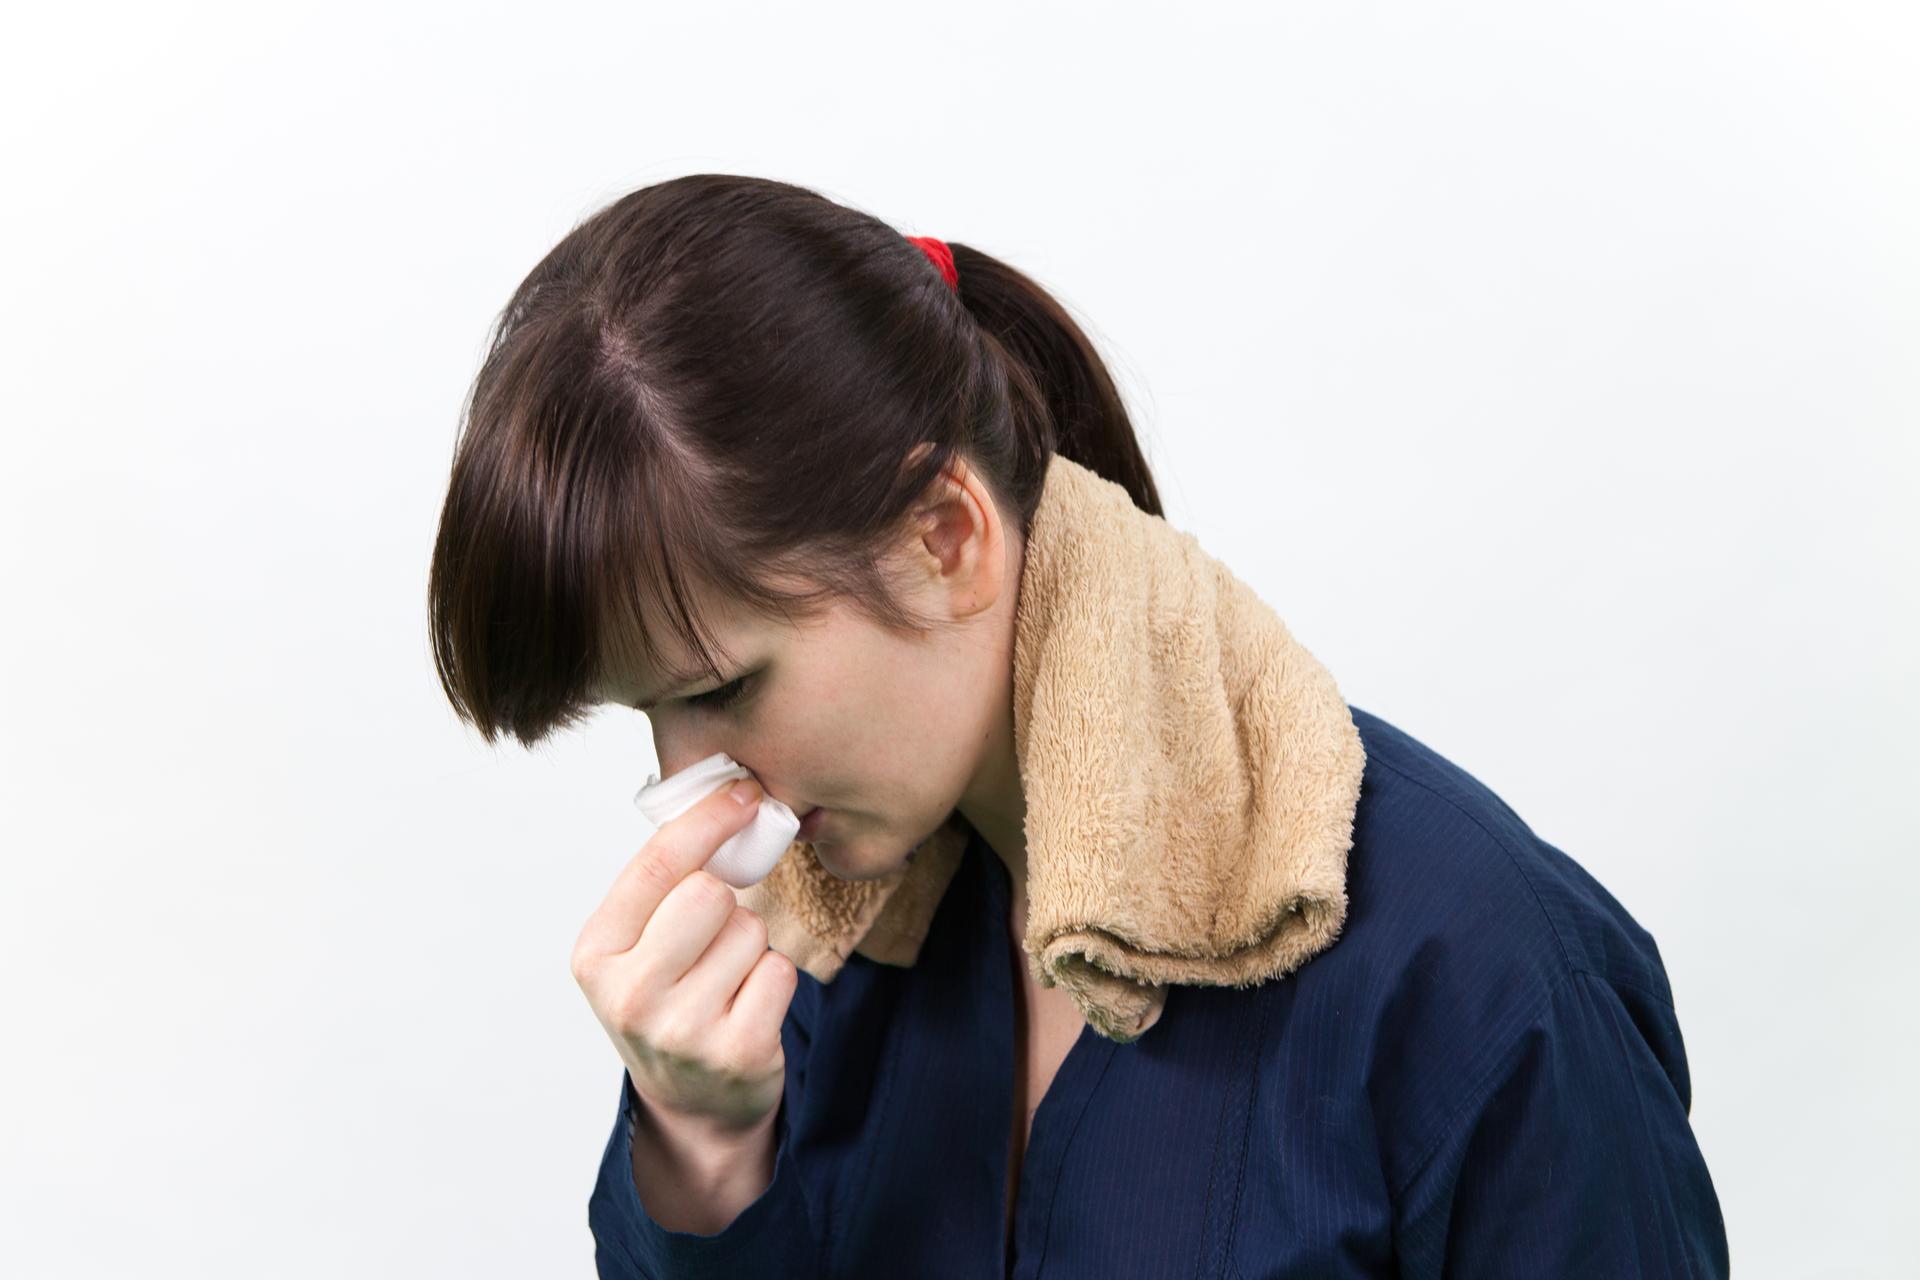 Zdjęcie człowieka zpochyloną głową, gazą przy nosie, na karku ma położony mokry ręcznik.